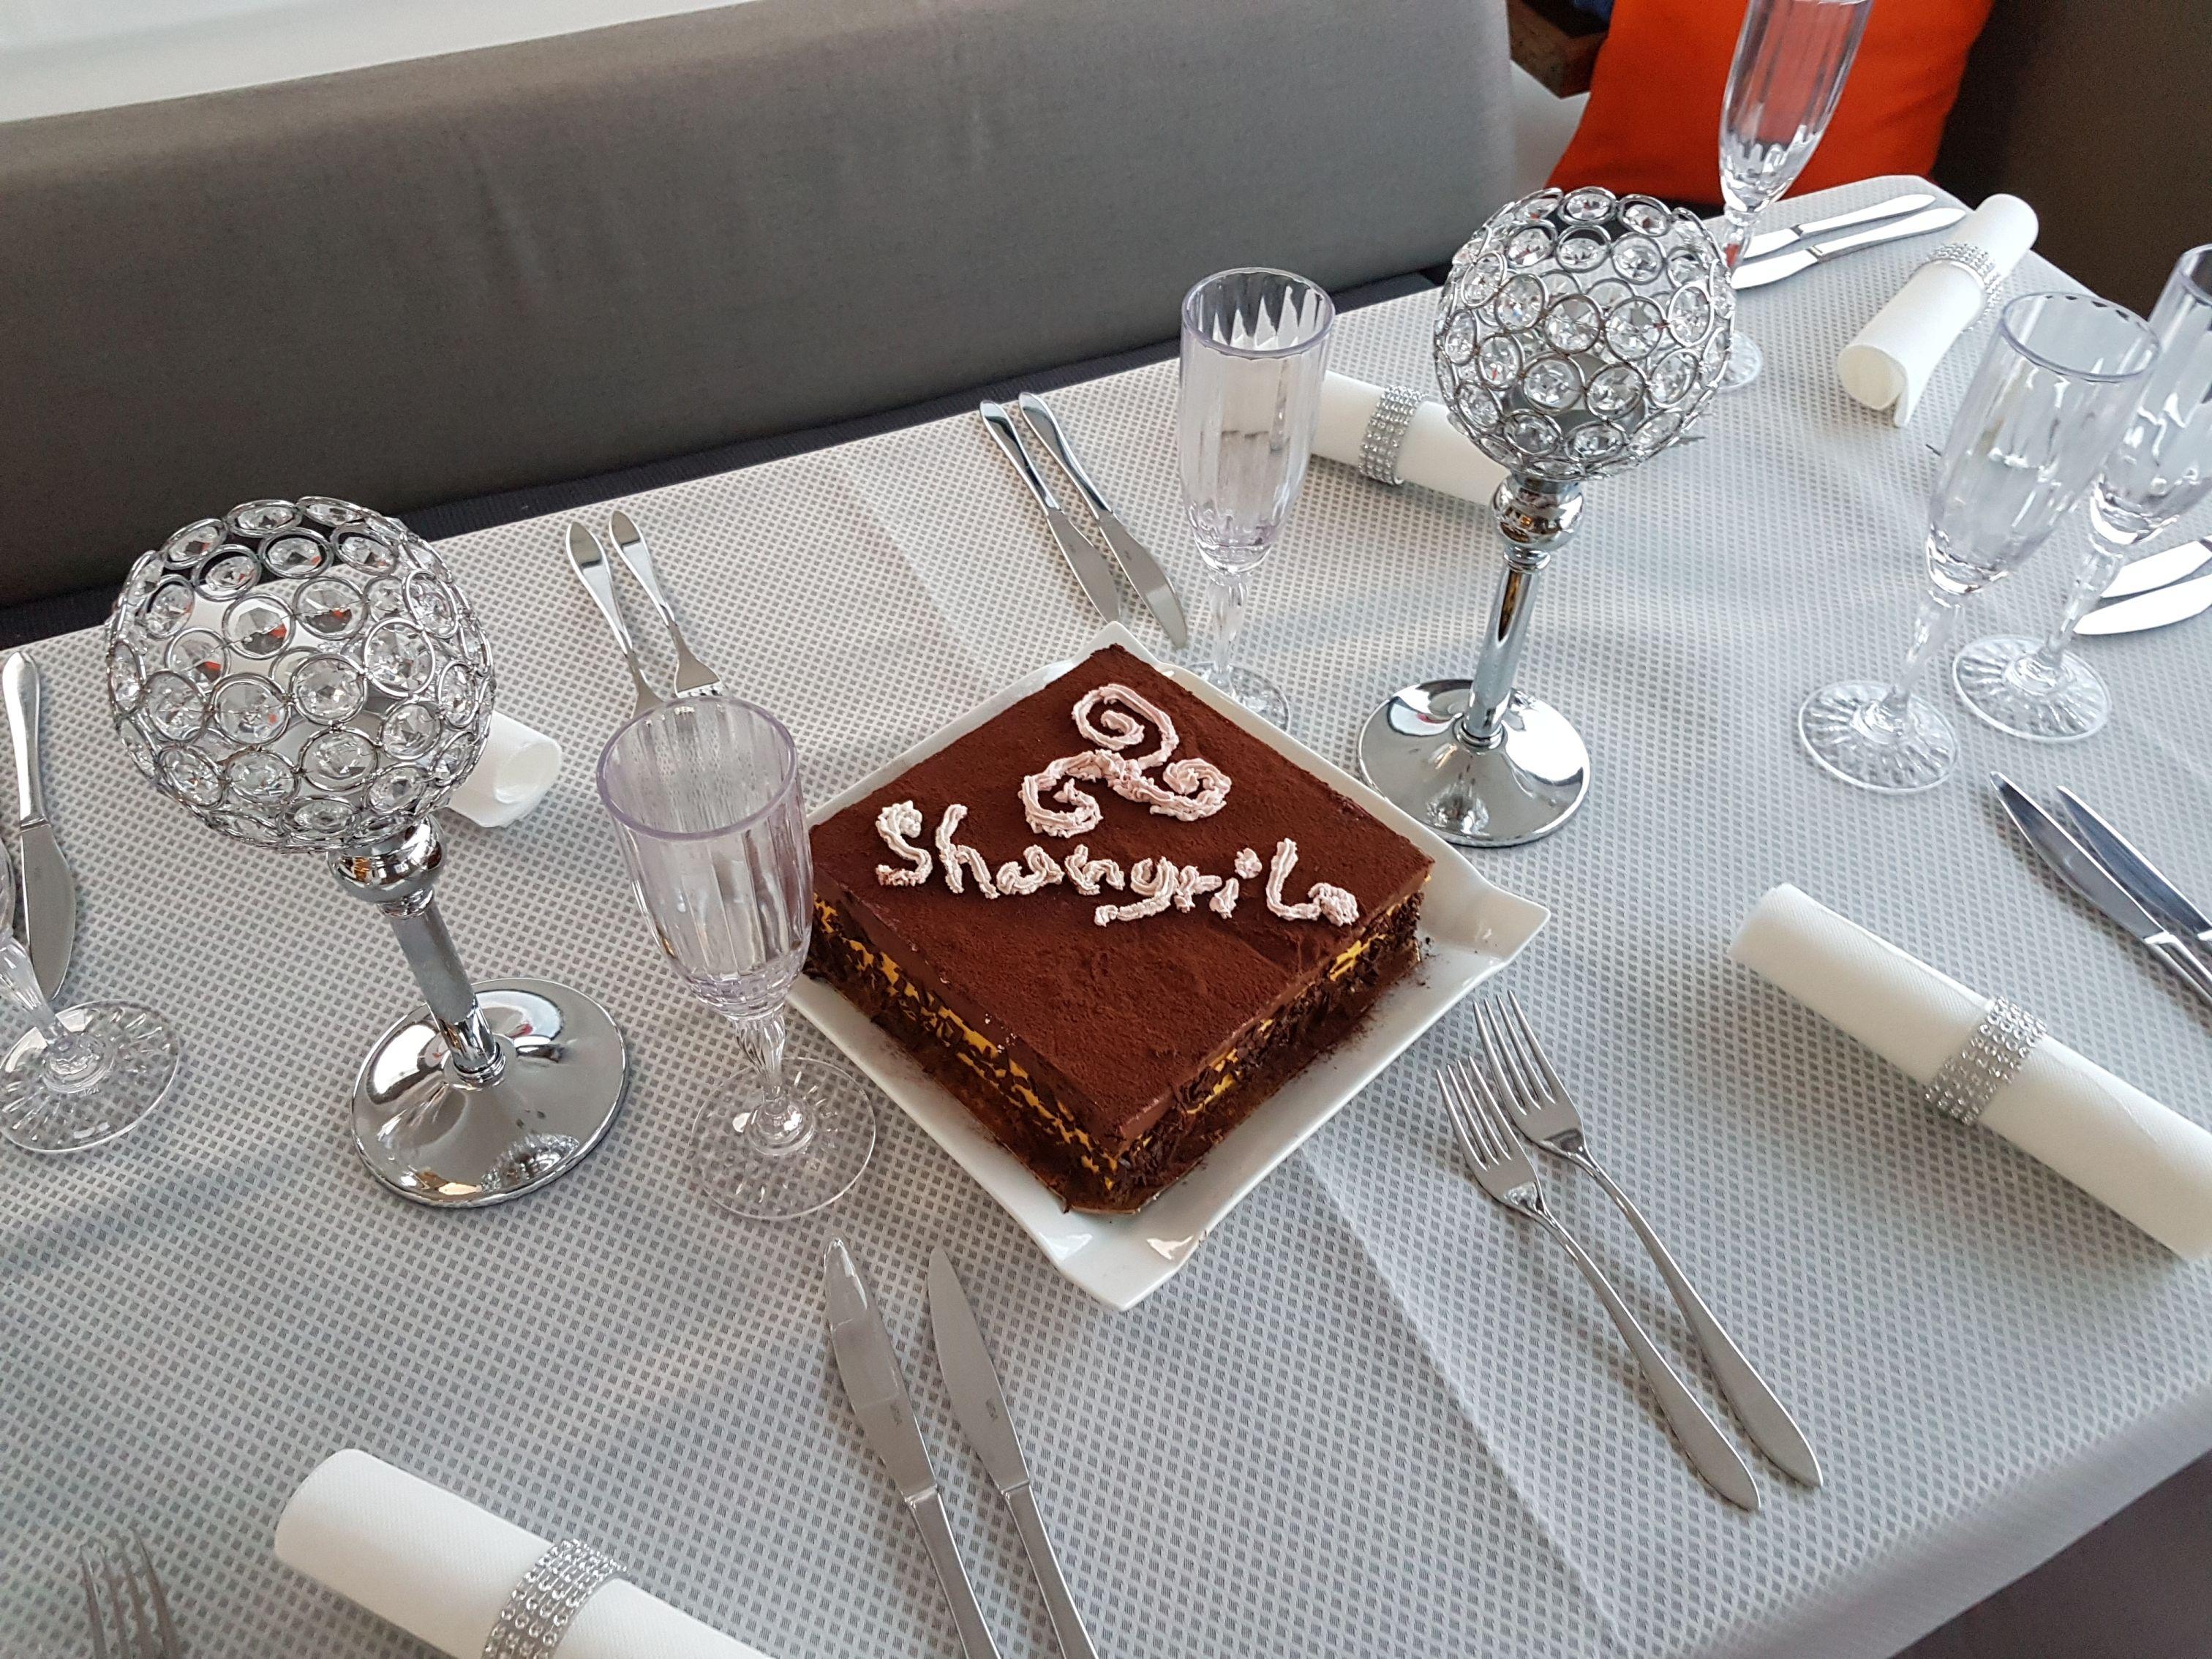 Geburtstagskuchen für Laura